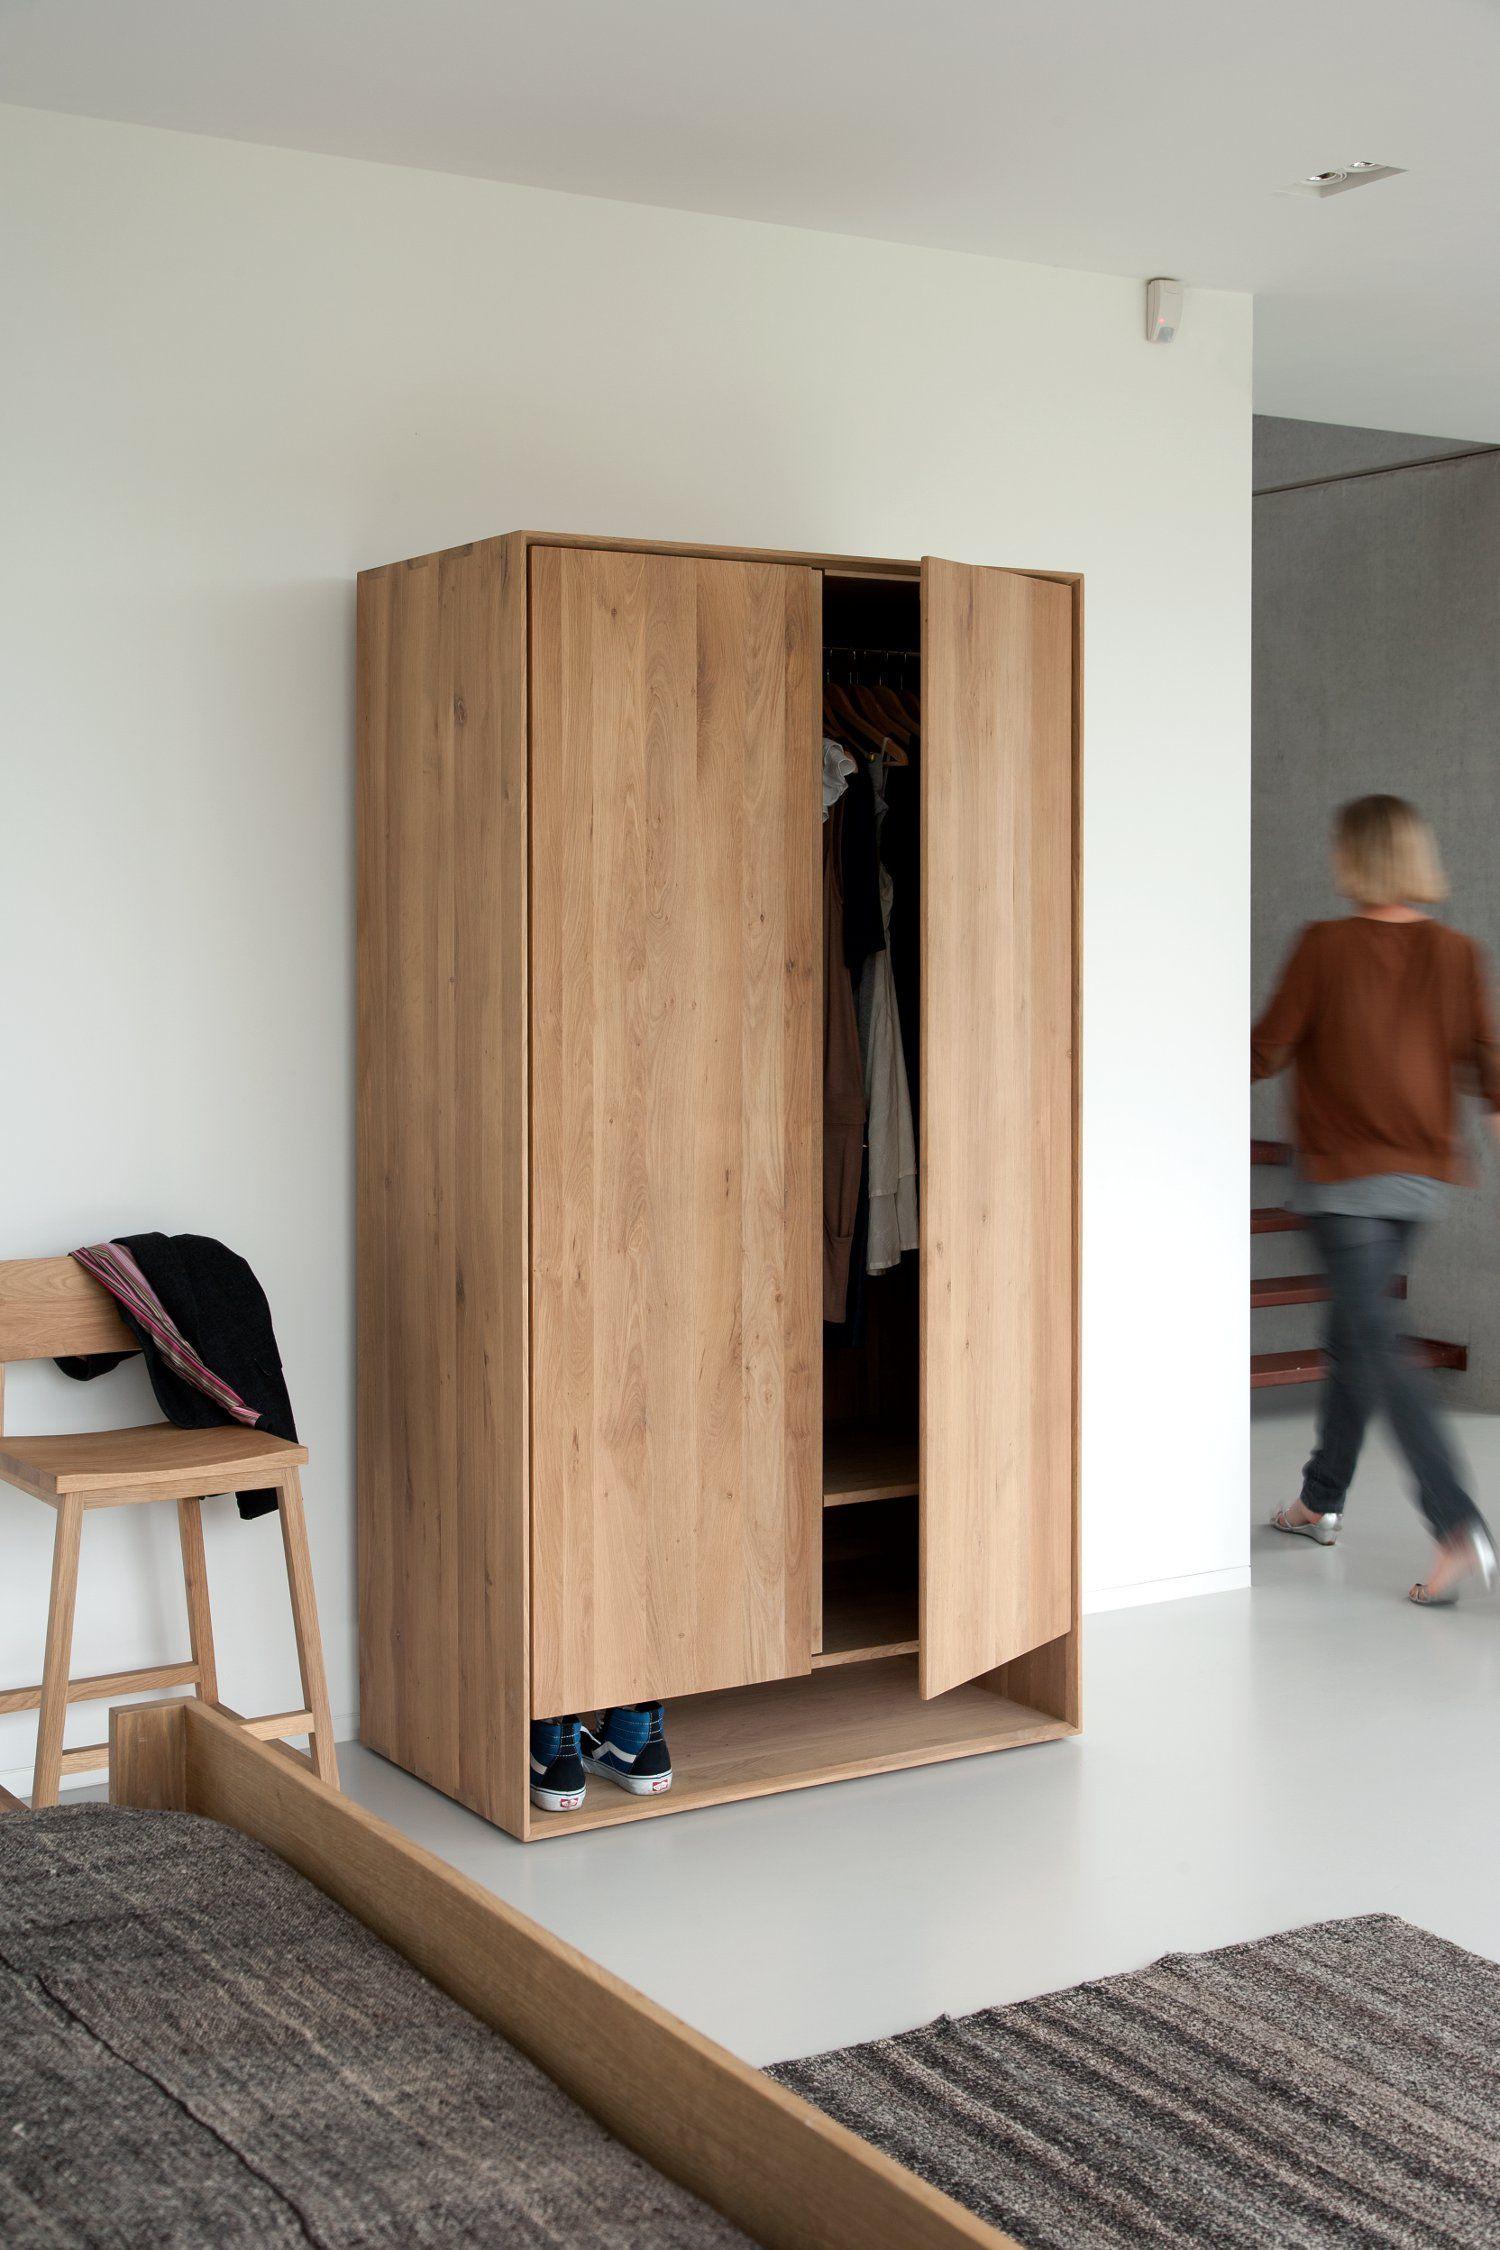 Kleiderschrank Aus Massivem Holz Kollektion Oak Nordic By Ethnicraft Kleiderschrank Schrank Holz Schlafzimmer